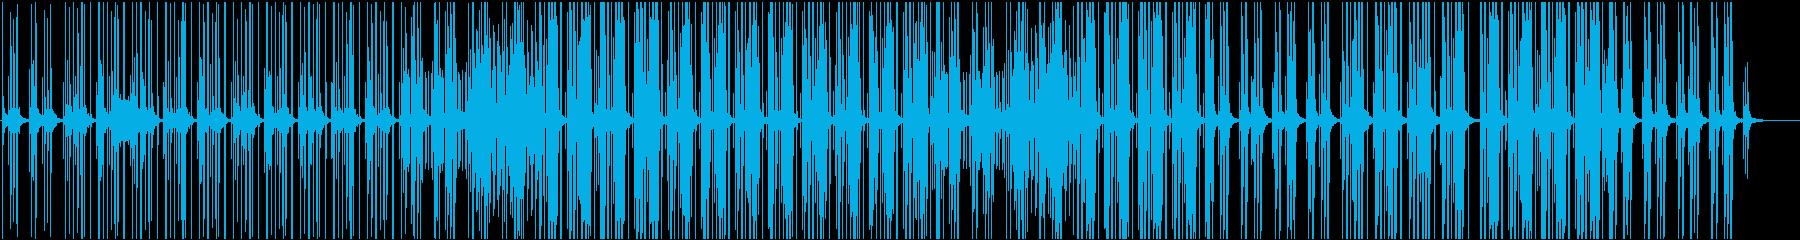 BGMとして最適なエレクトロポップの再生済みの波形